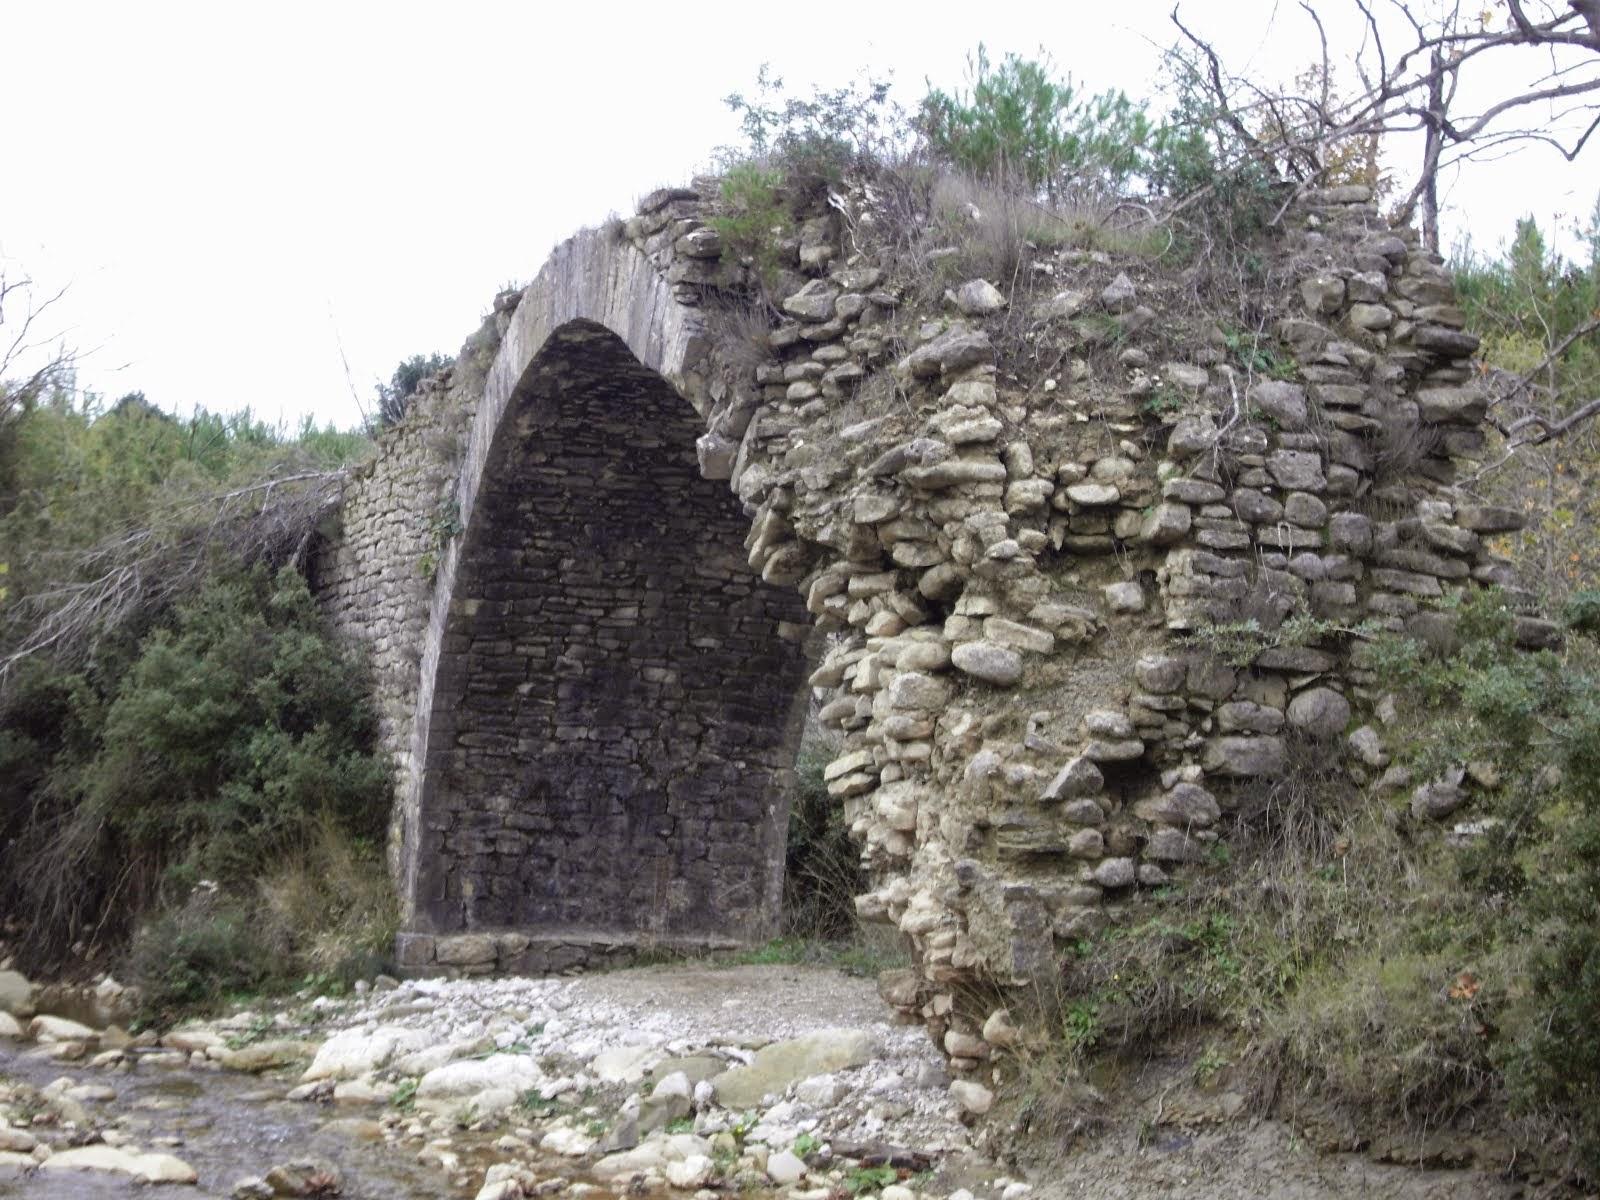 Άλλο ένα γεφύρι οδεύει προς...εξαφάνιση.  Το Τρανό γεφύρι στον Διάγοντα